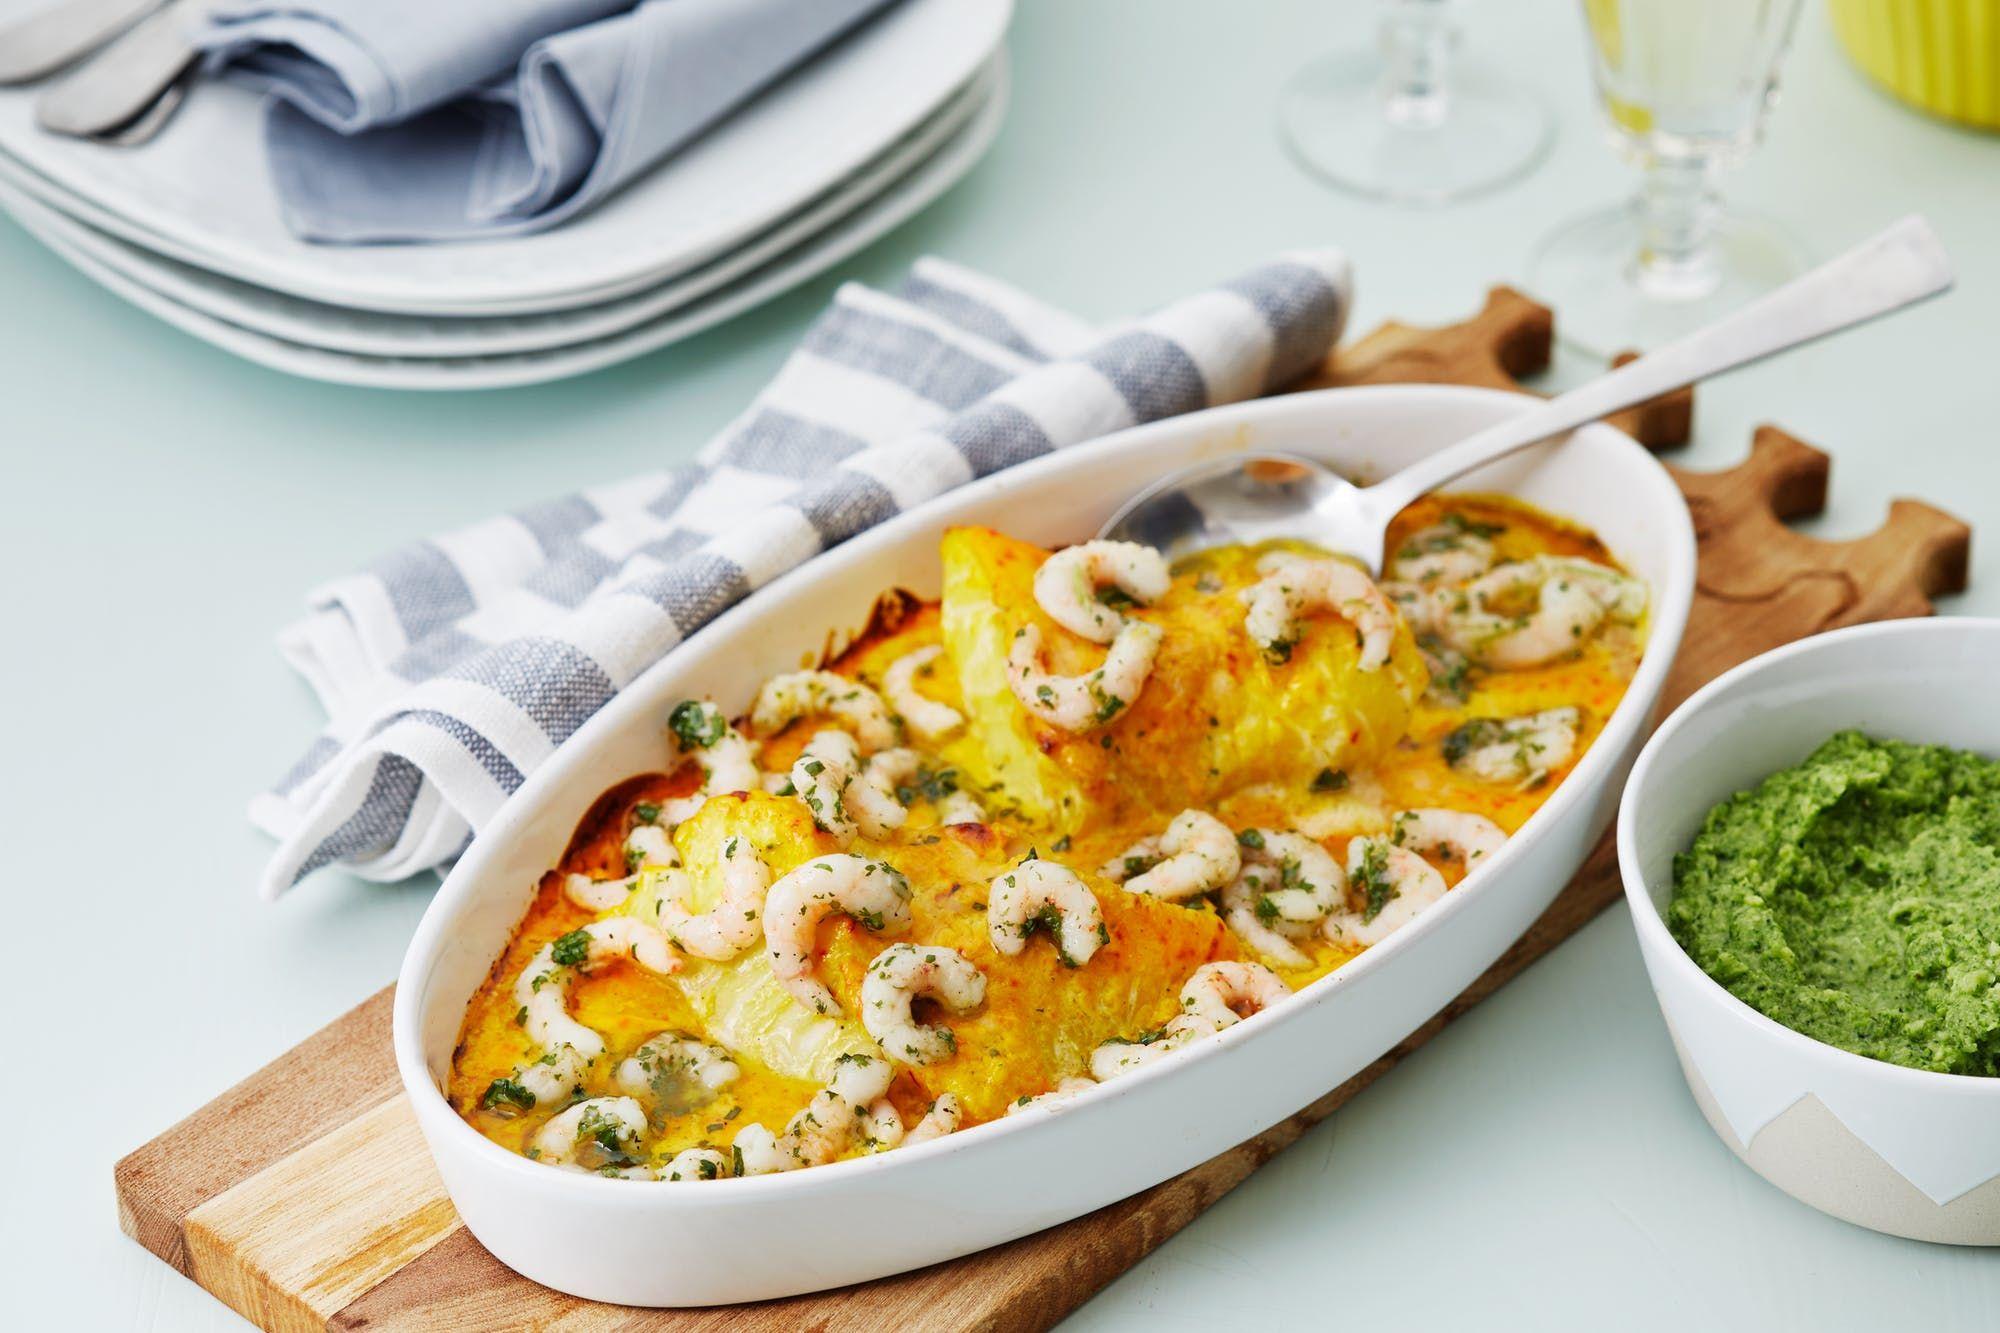 Creamy fish and shrimp casserole with saffron recipe